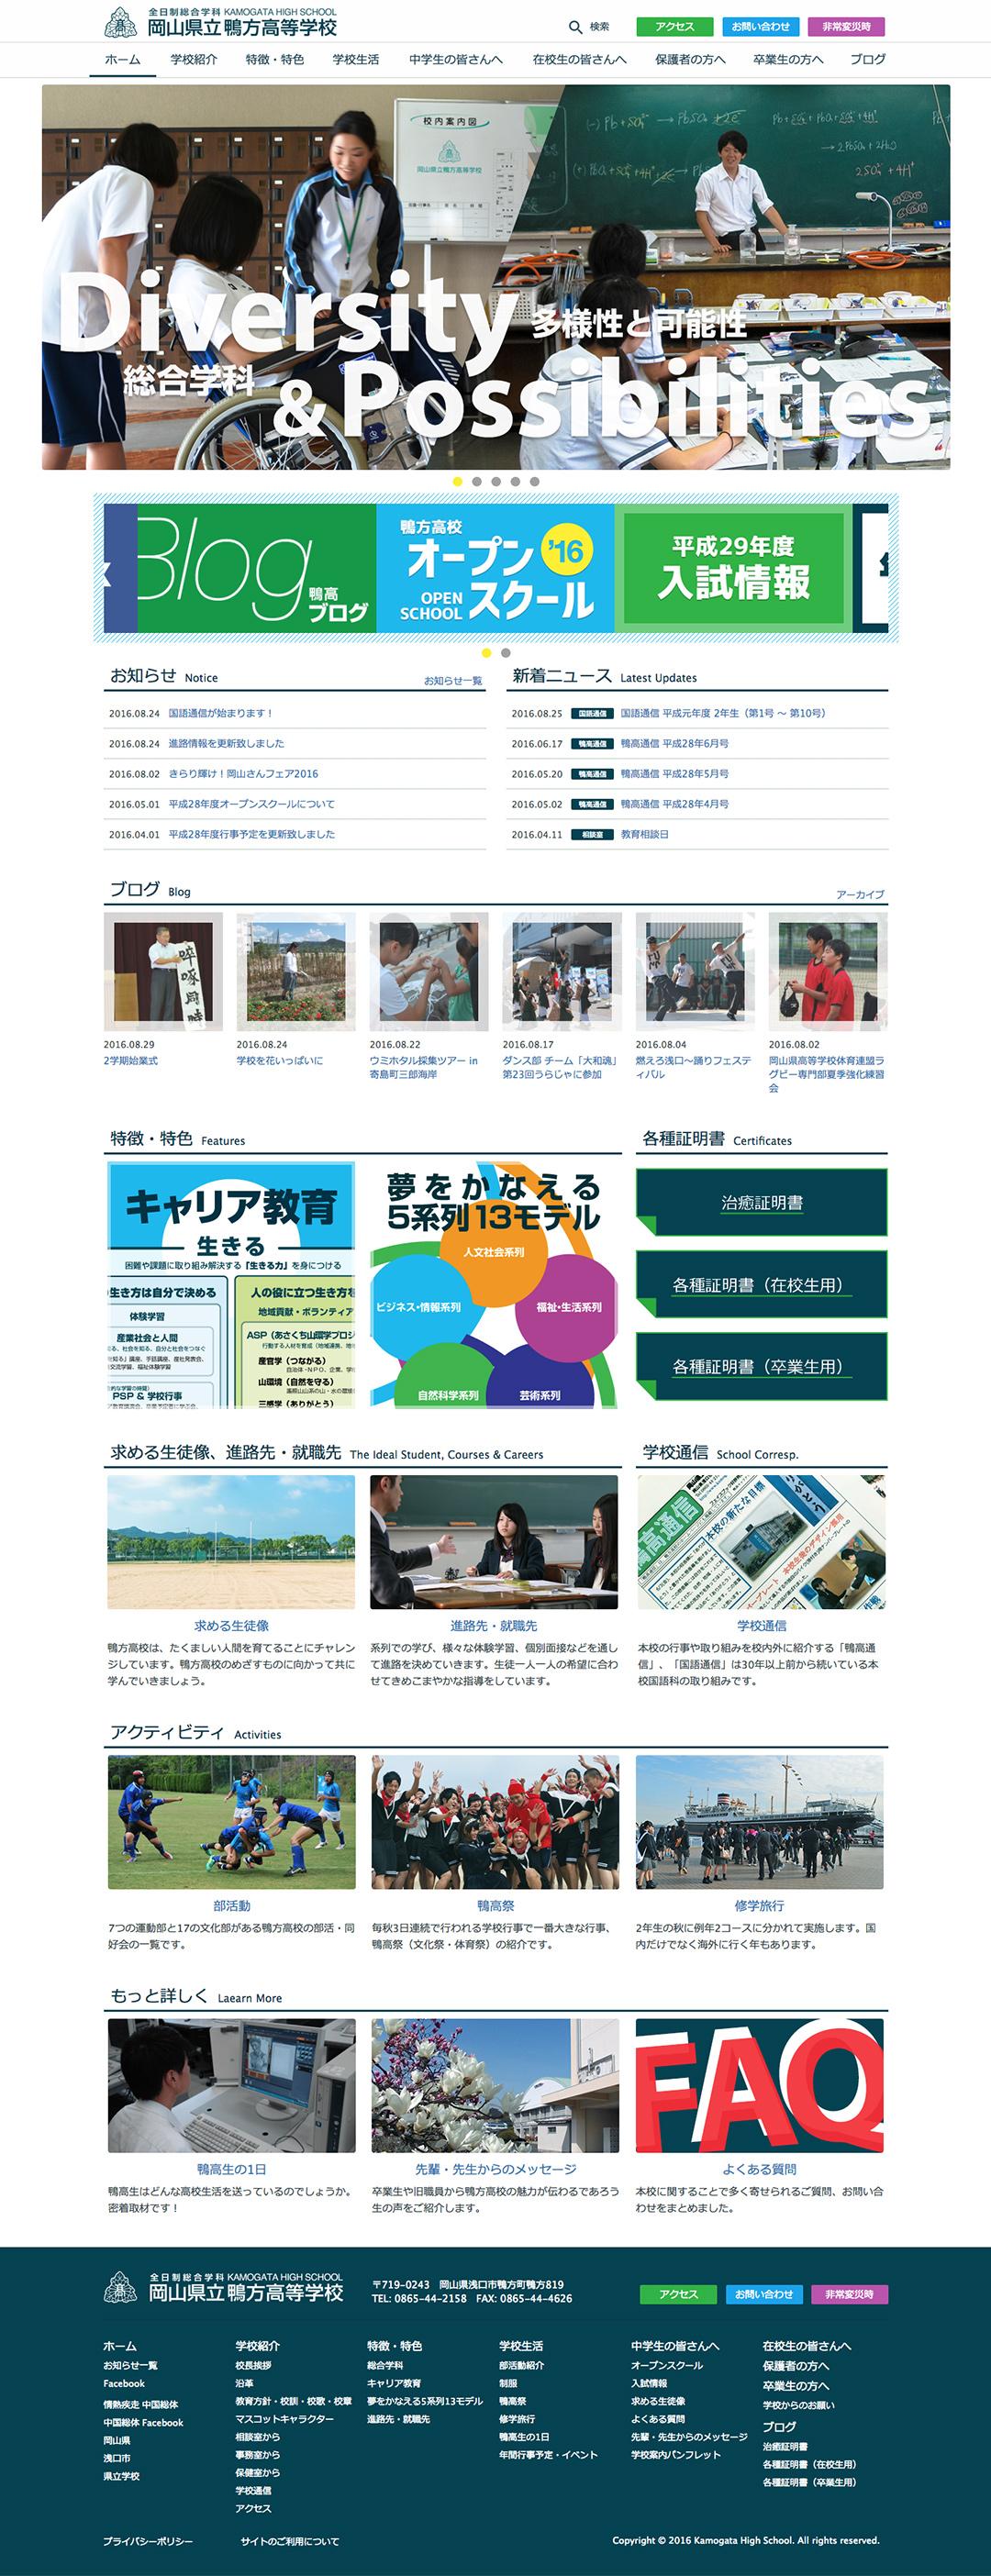 岡山県立鴨方高等学校様 ホームページ ホーム(トップページ)